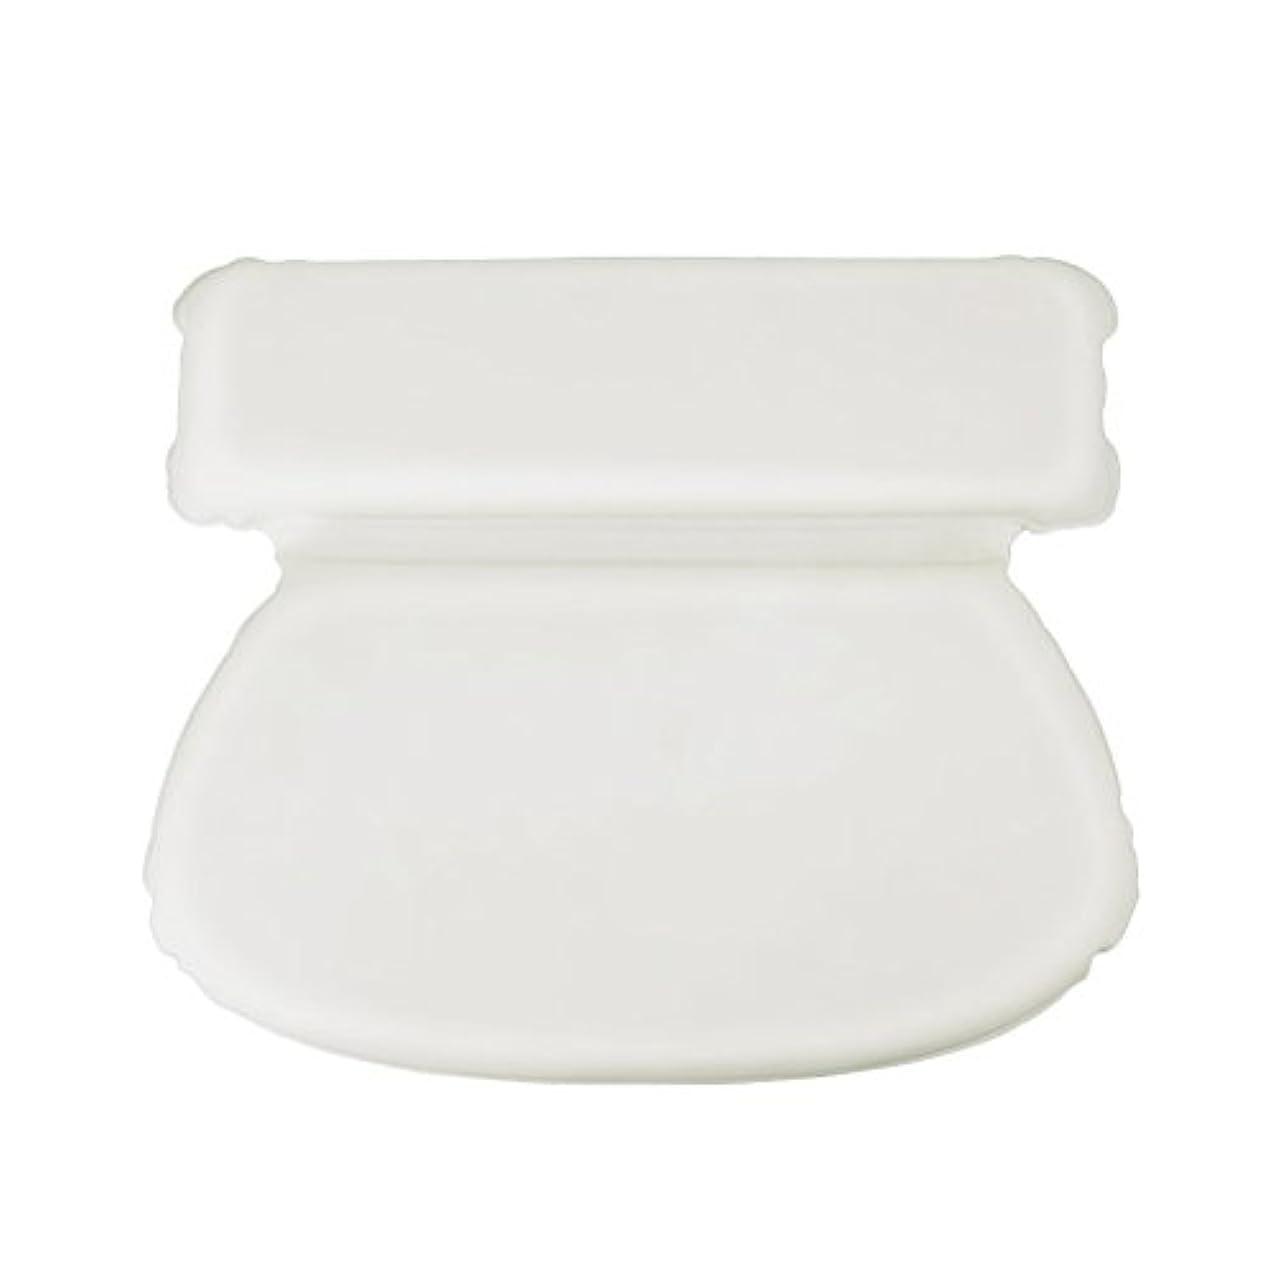 ペストリー公平な顎Lurrose スポンジ浴槽枕吸引バス枕スパヘッドレストアクセサリー用浴室トイレ